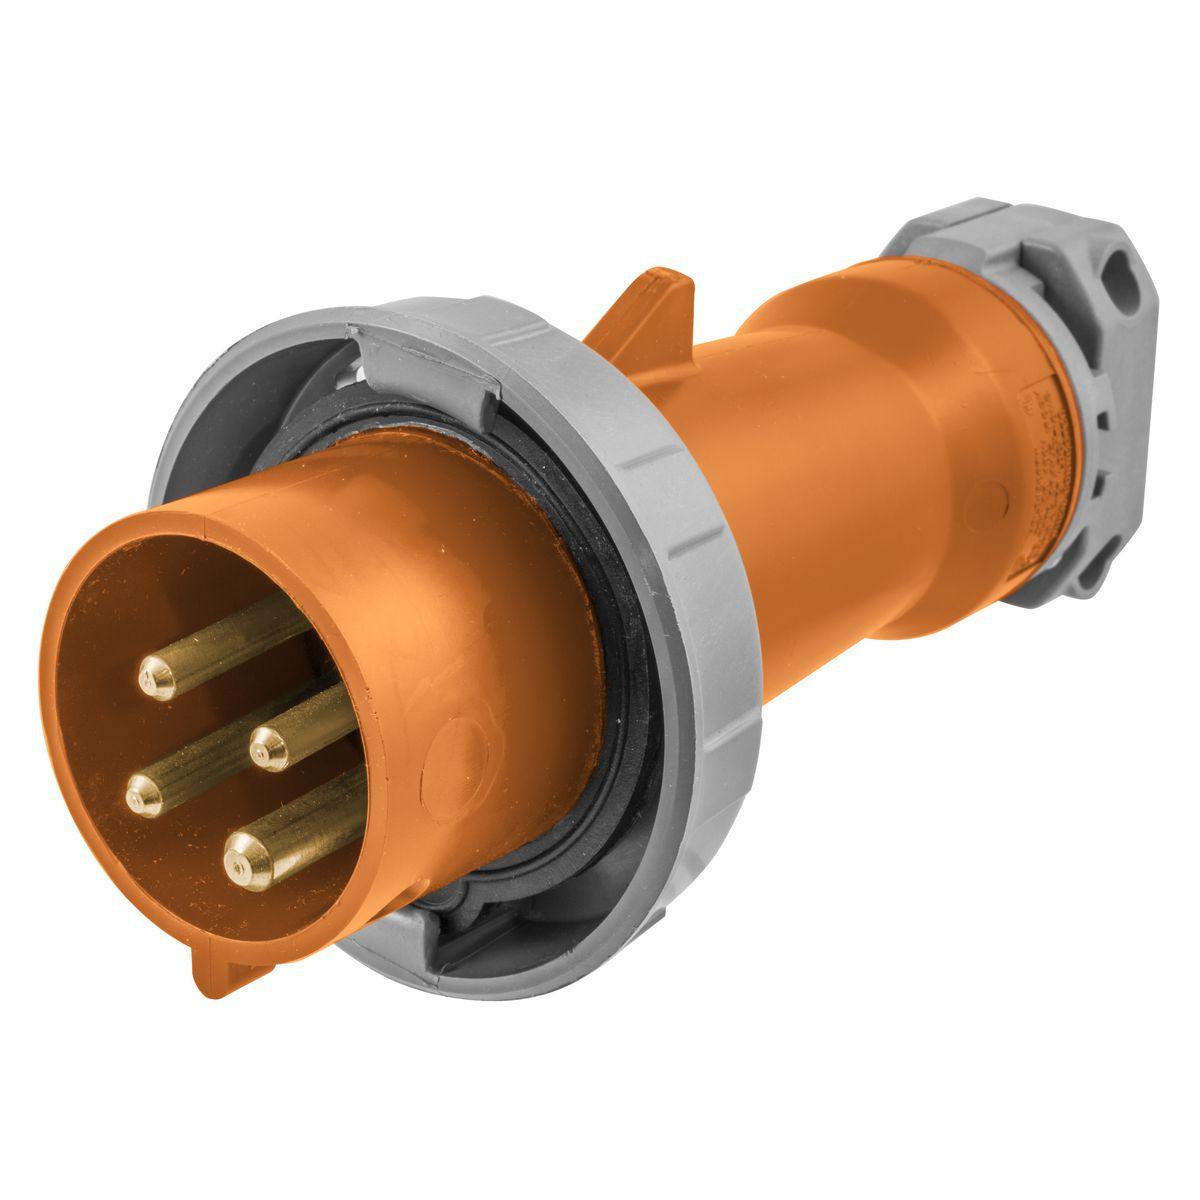 Nema Wiring Devices L5 15 L5 20 L5 30 L6 Additionally Raceway